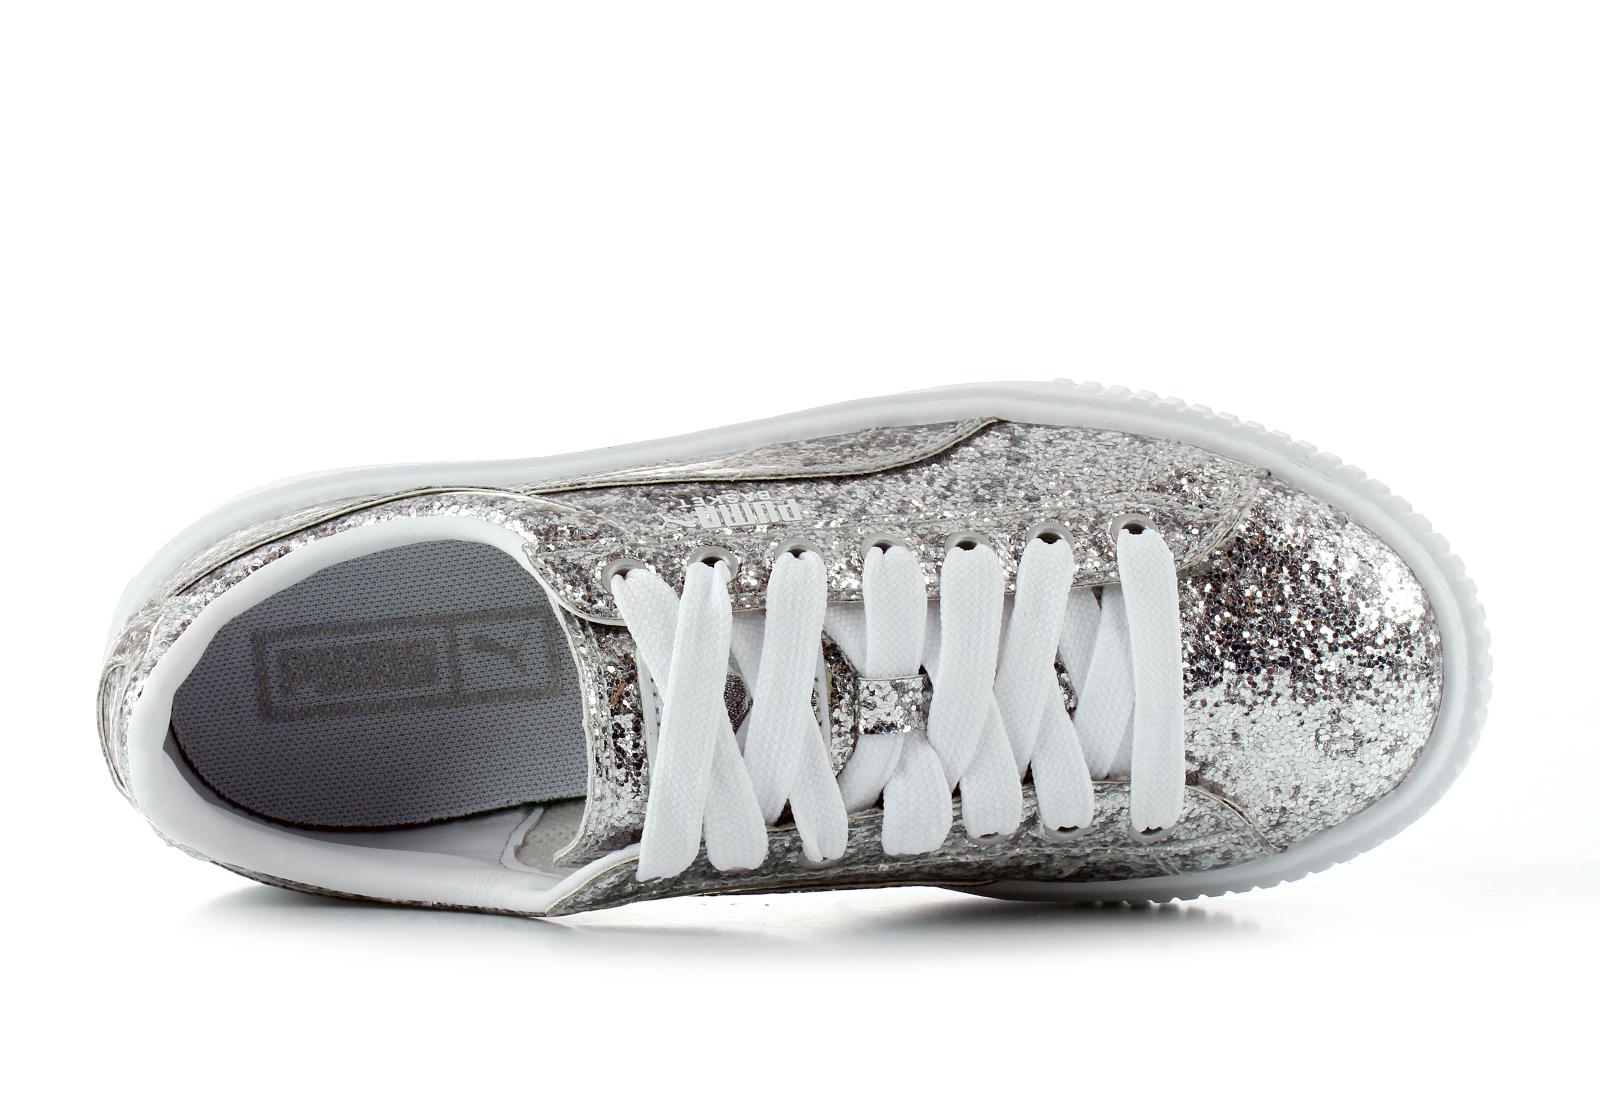 reputable site b000d c0c8c Puma Shoes - Basket Platform Glitter Wns - 36409301-slv - Online ...